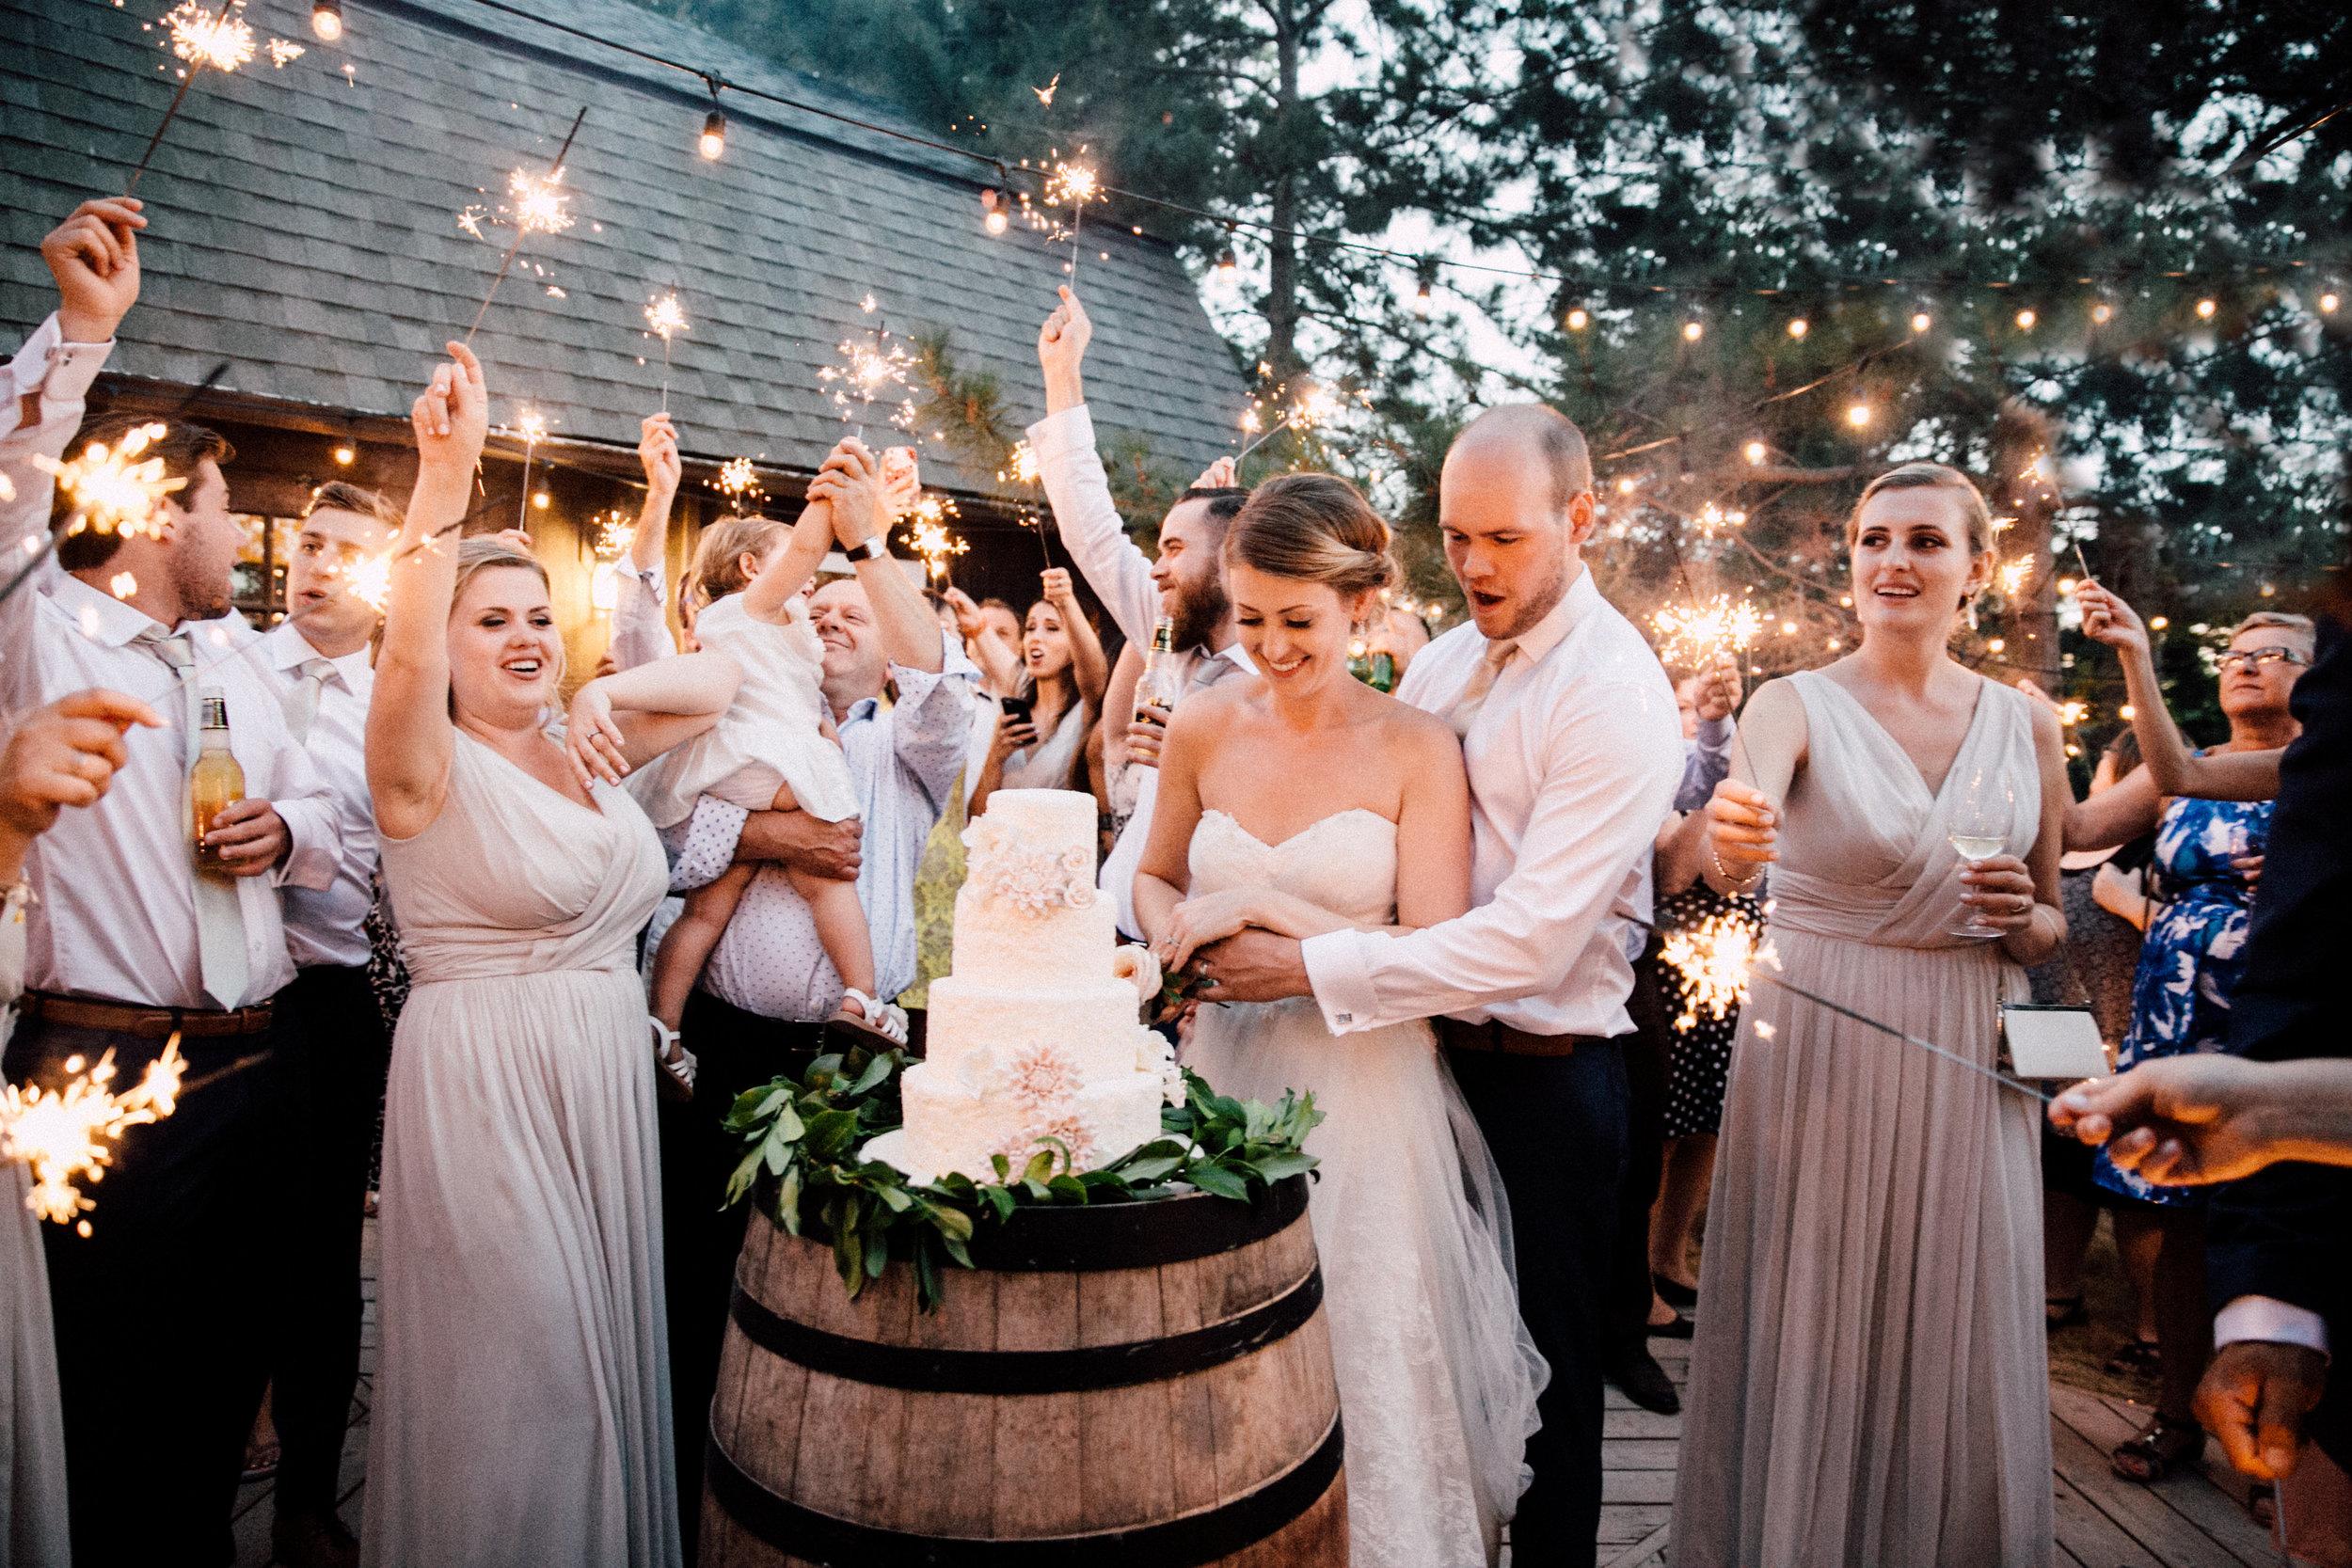 Marry Me! - Mit mehr als 200 Hochzeiten auf dem Buckel verstehen wir genau was dieser Tag für euch bedeutet.Von der Walzerwahl, der Musikwahl zum Dinner, bis hin zur Tanzmusik danach. Mit unserer jahrelangen Erfahrung wird Euer Tag zum unvergesslichen Erlebnis!